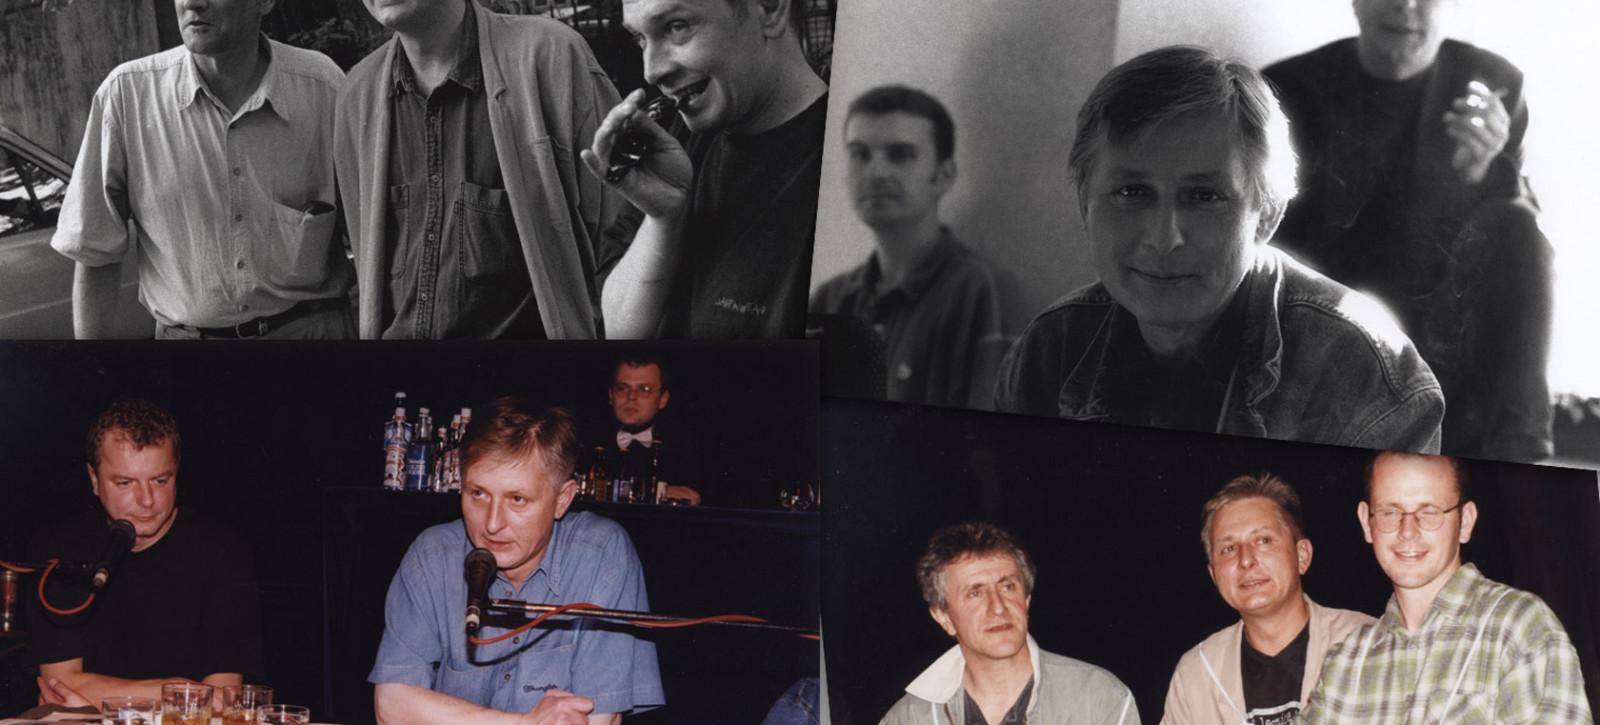 Zdjecia_Portrety-autorów-Andrzej-Sosnowski-część-pierwsza